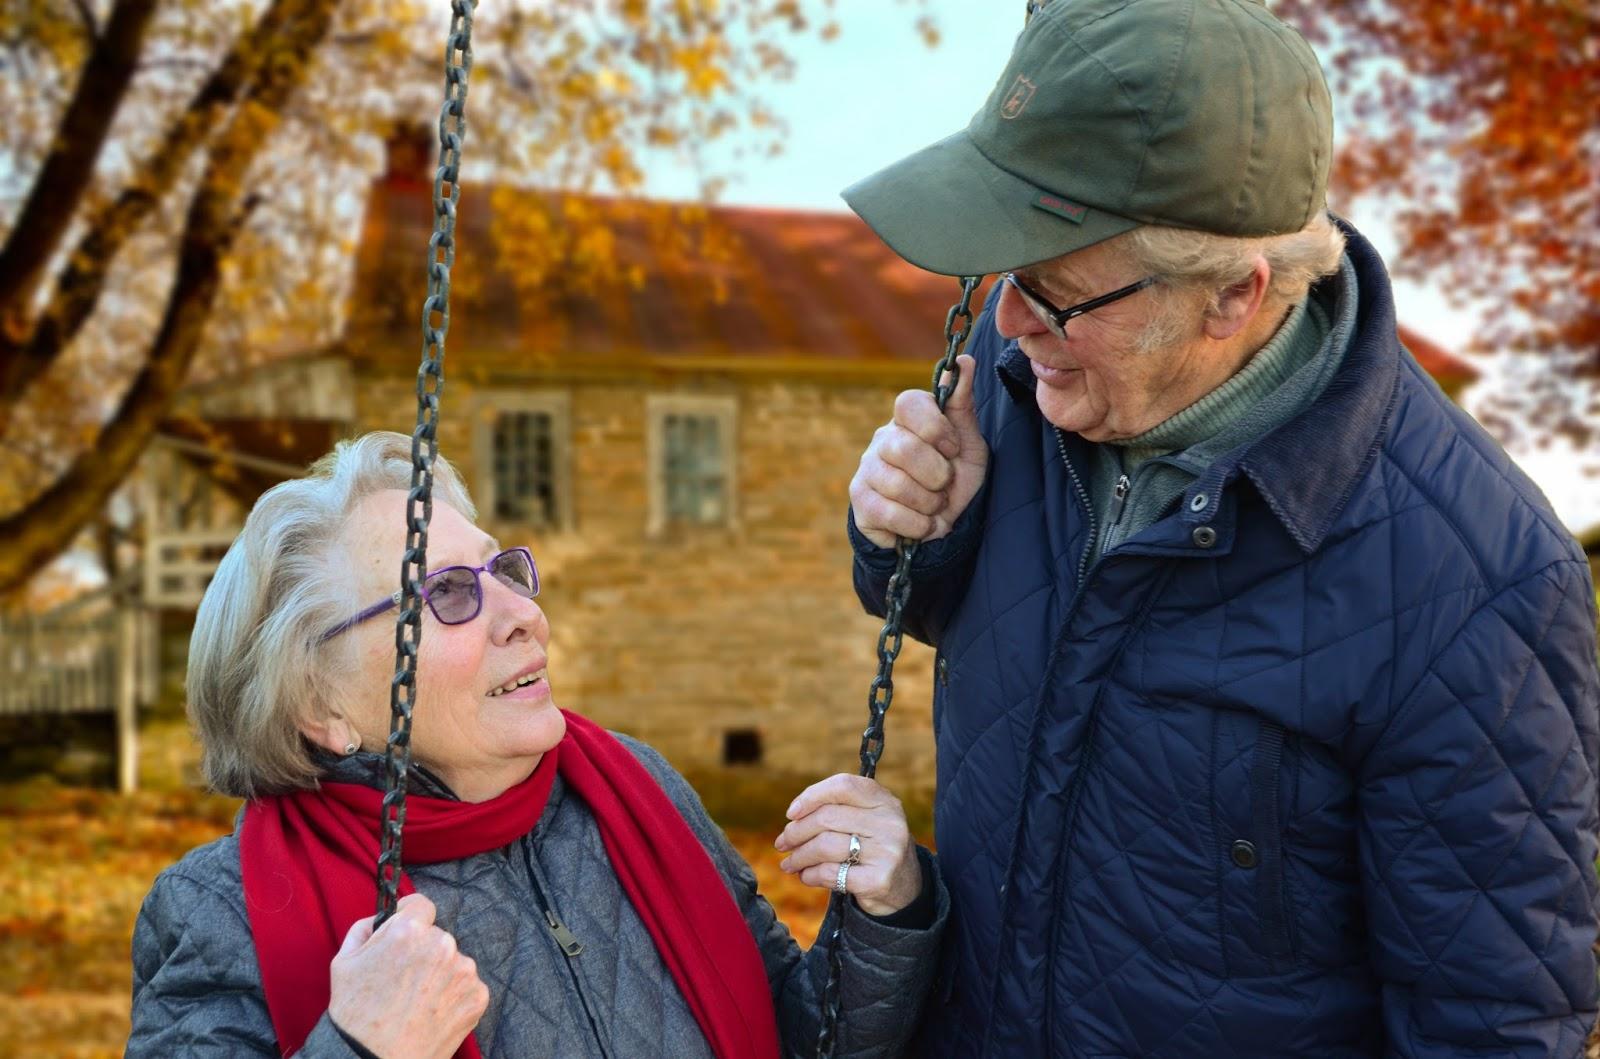 miłość para starsi ludzie dziadkowie